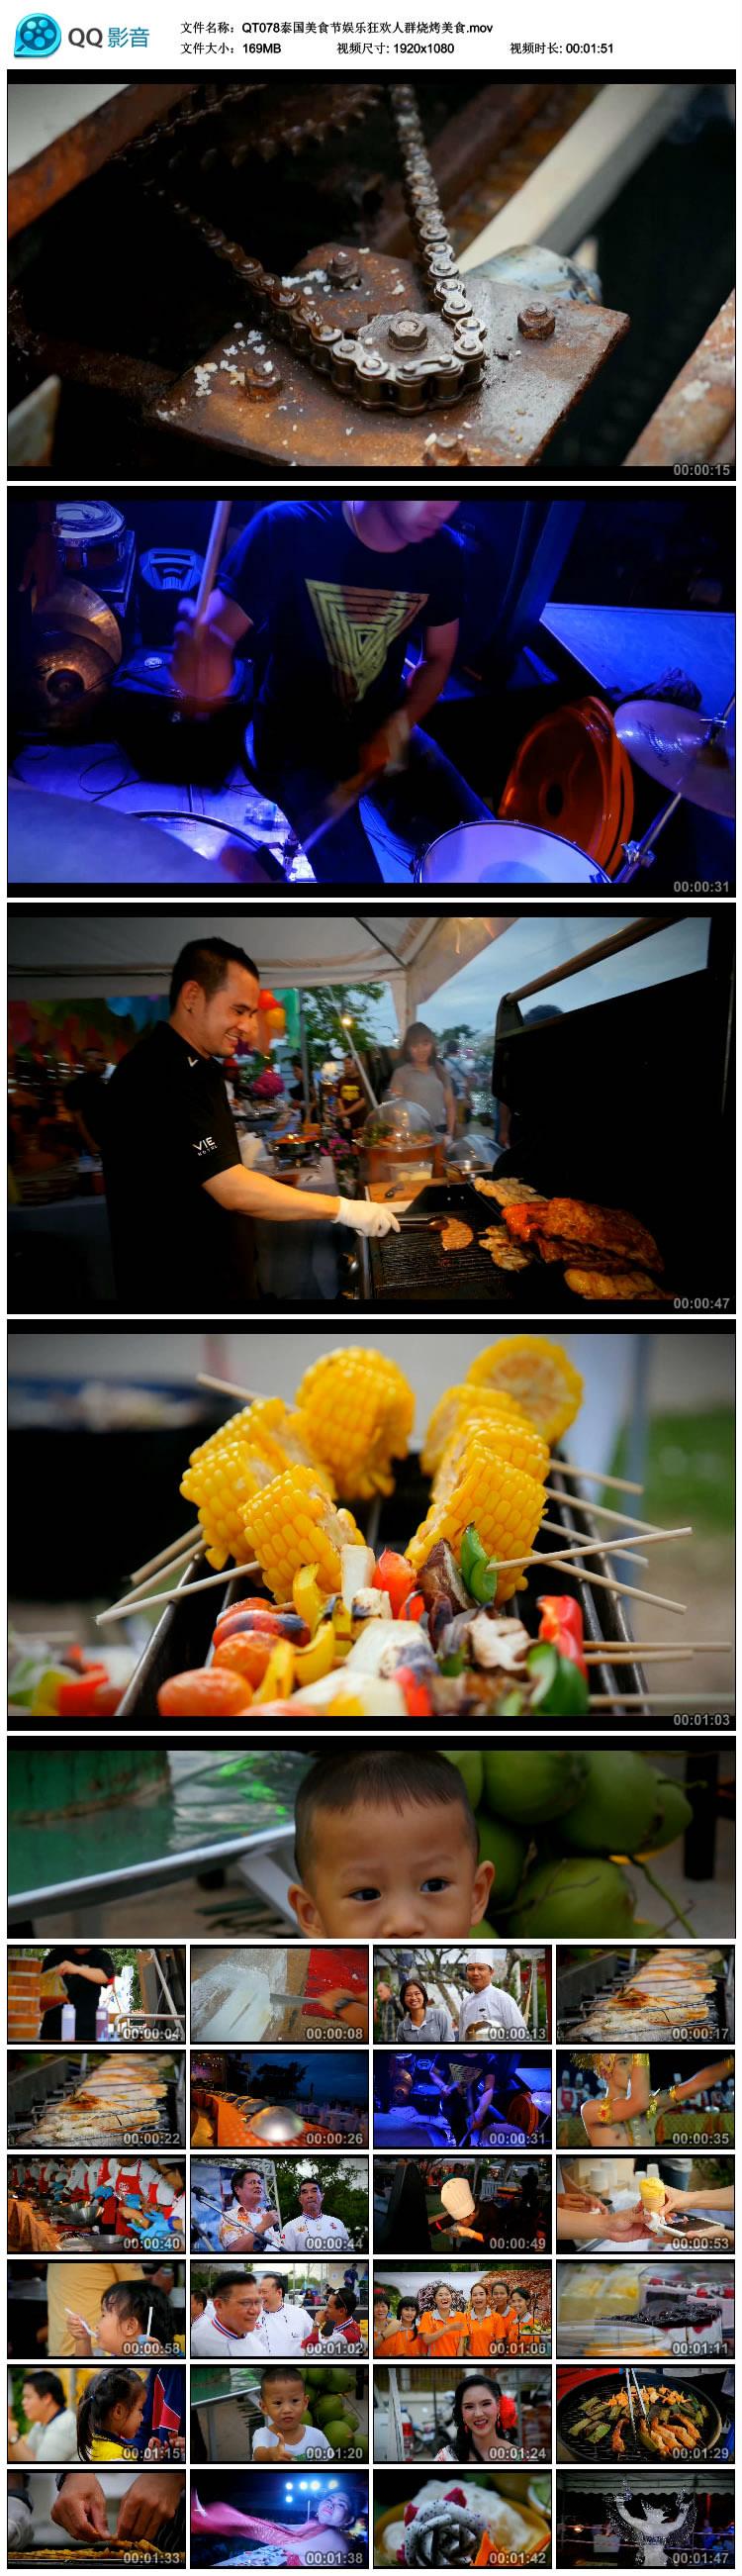 娱乐狂欢人群烧烤美食高清实拍视频素材泰国美食节